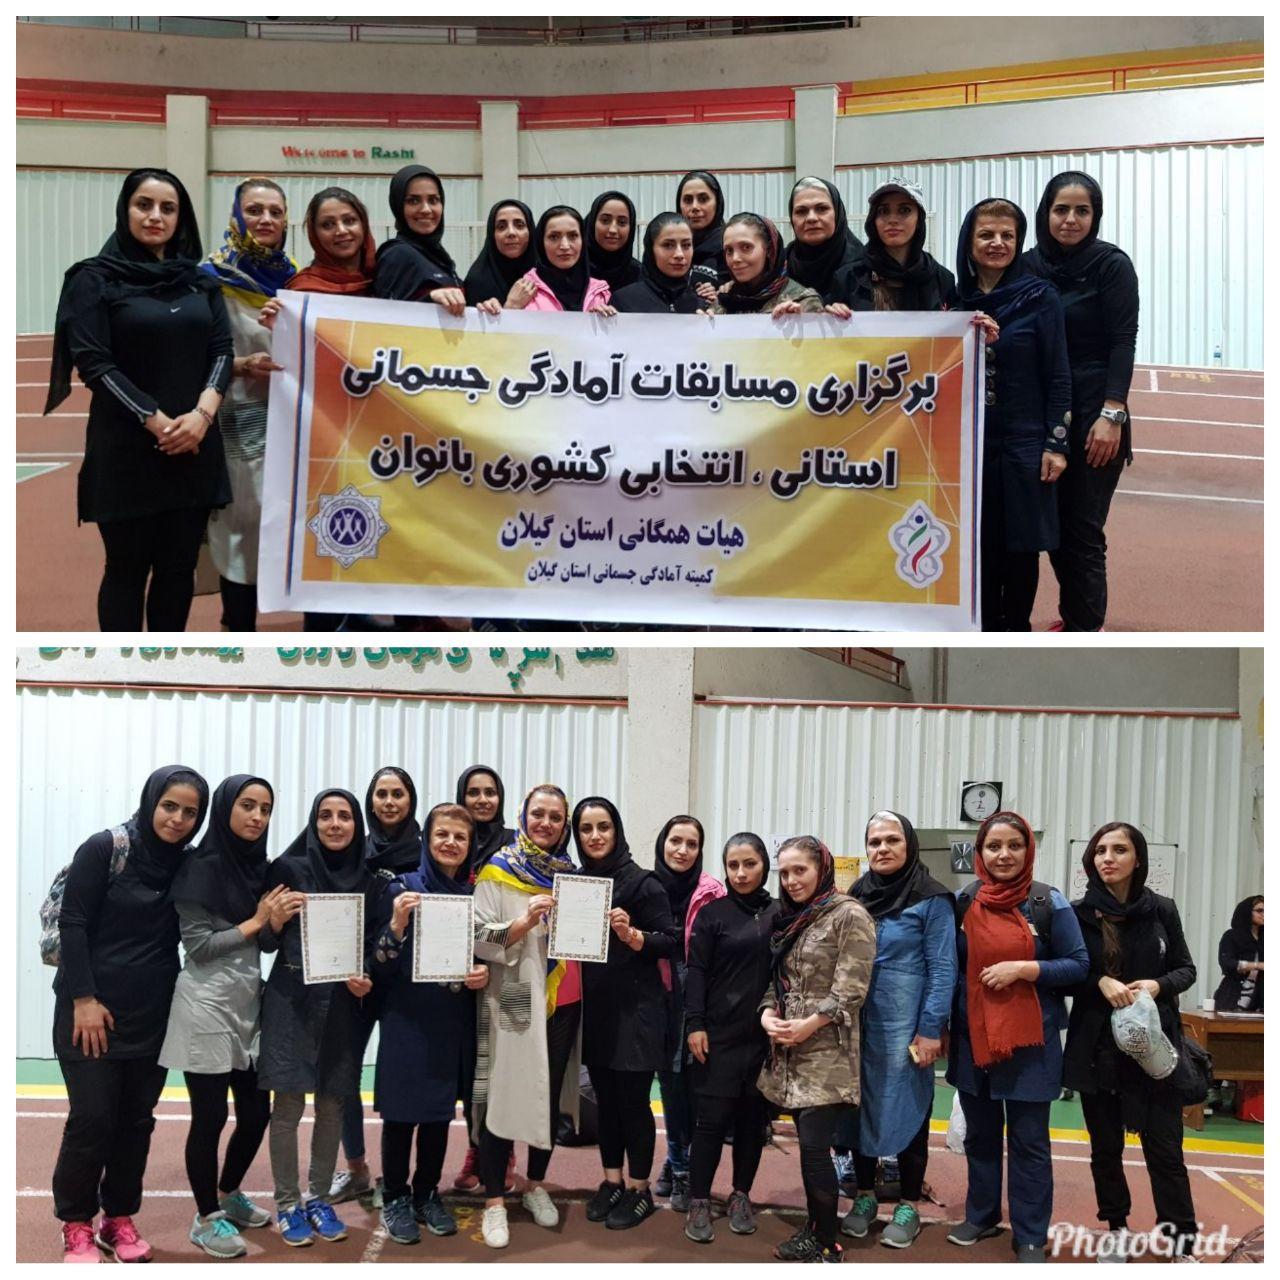 قهرمانی بانوان ورزشکار لاهیجانی در مسابقات استانی امادگی جسمانی